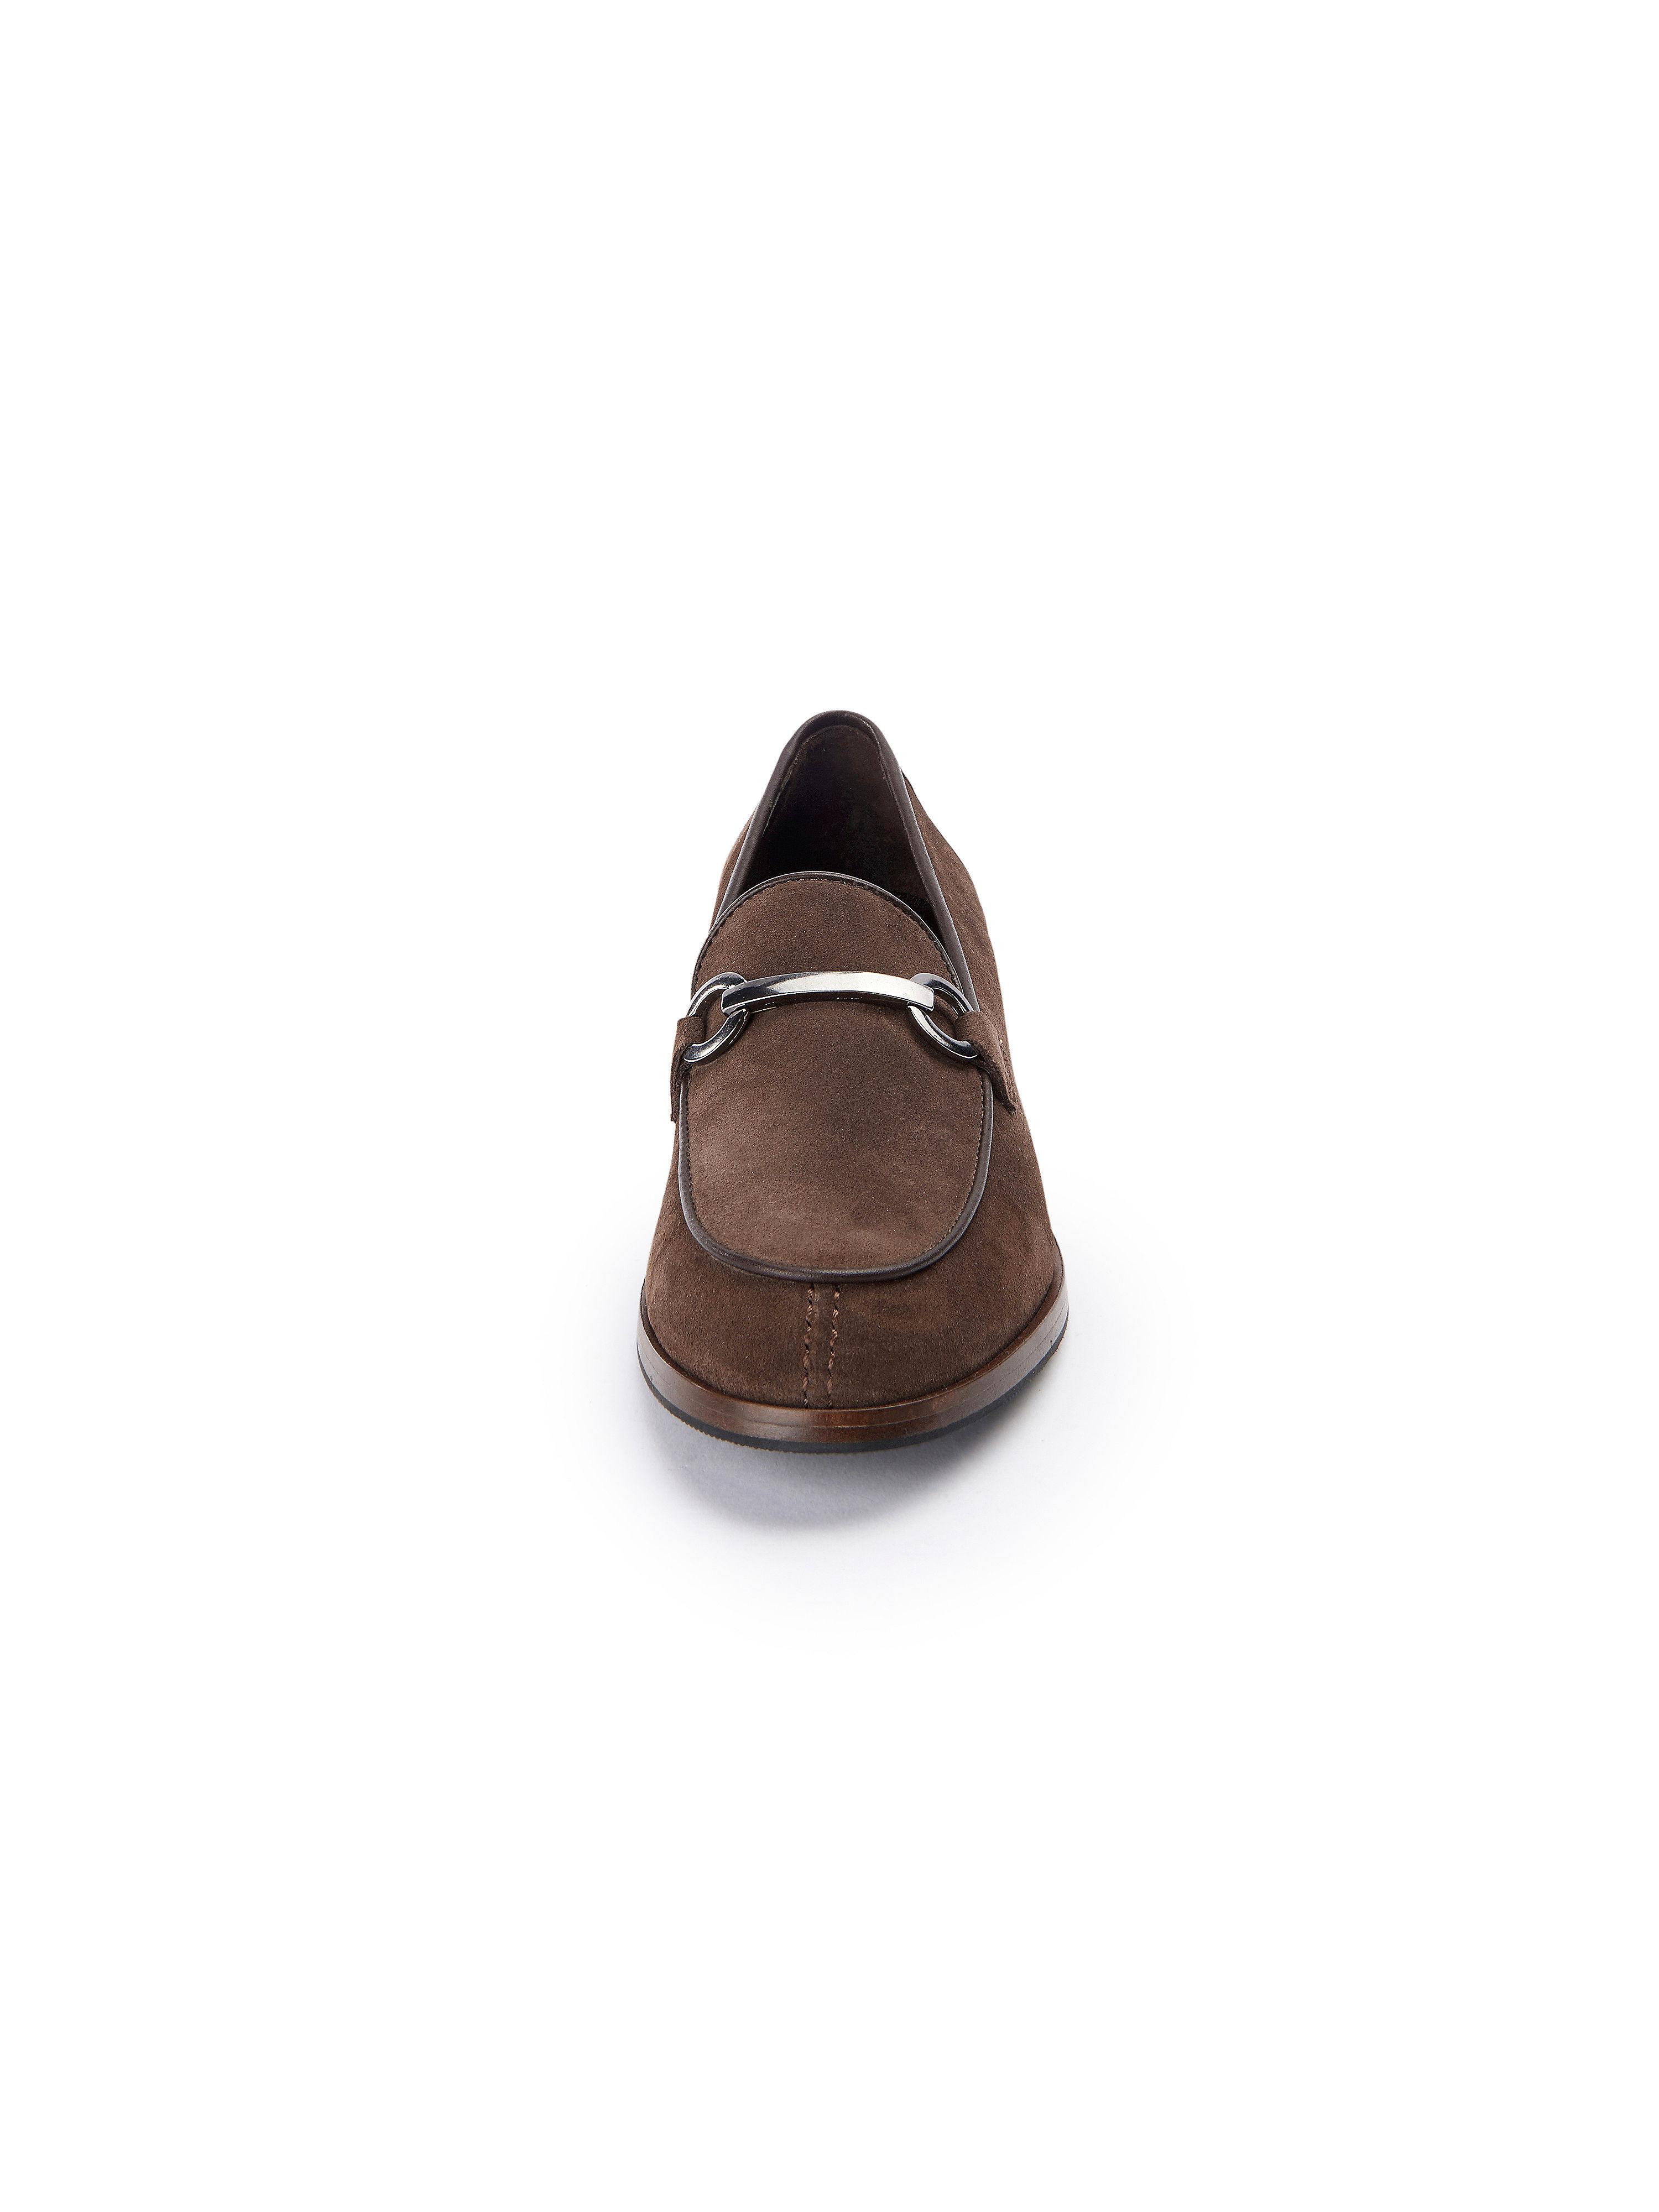 Peter Hahn exquisit - Qualität Slipper - Schokobraun Gute Qualität - beliebte Schuhe 4290ce